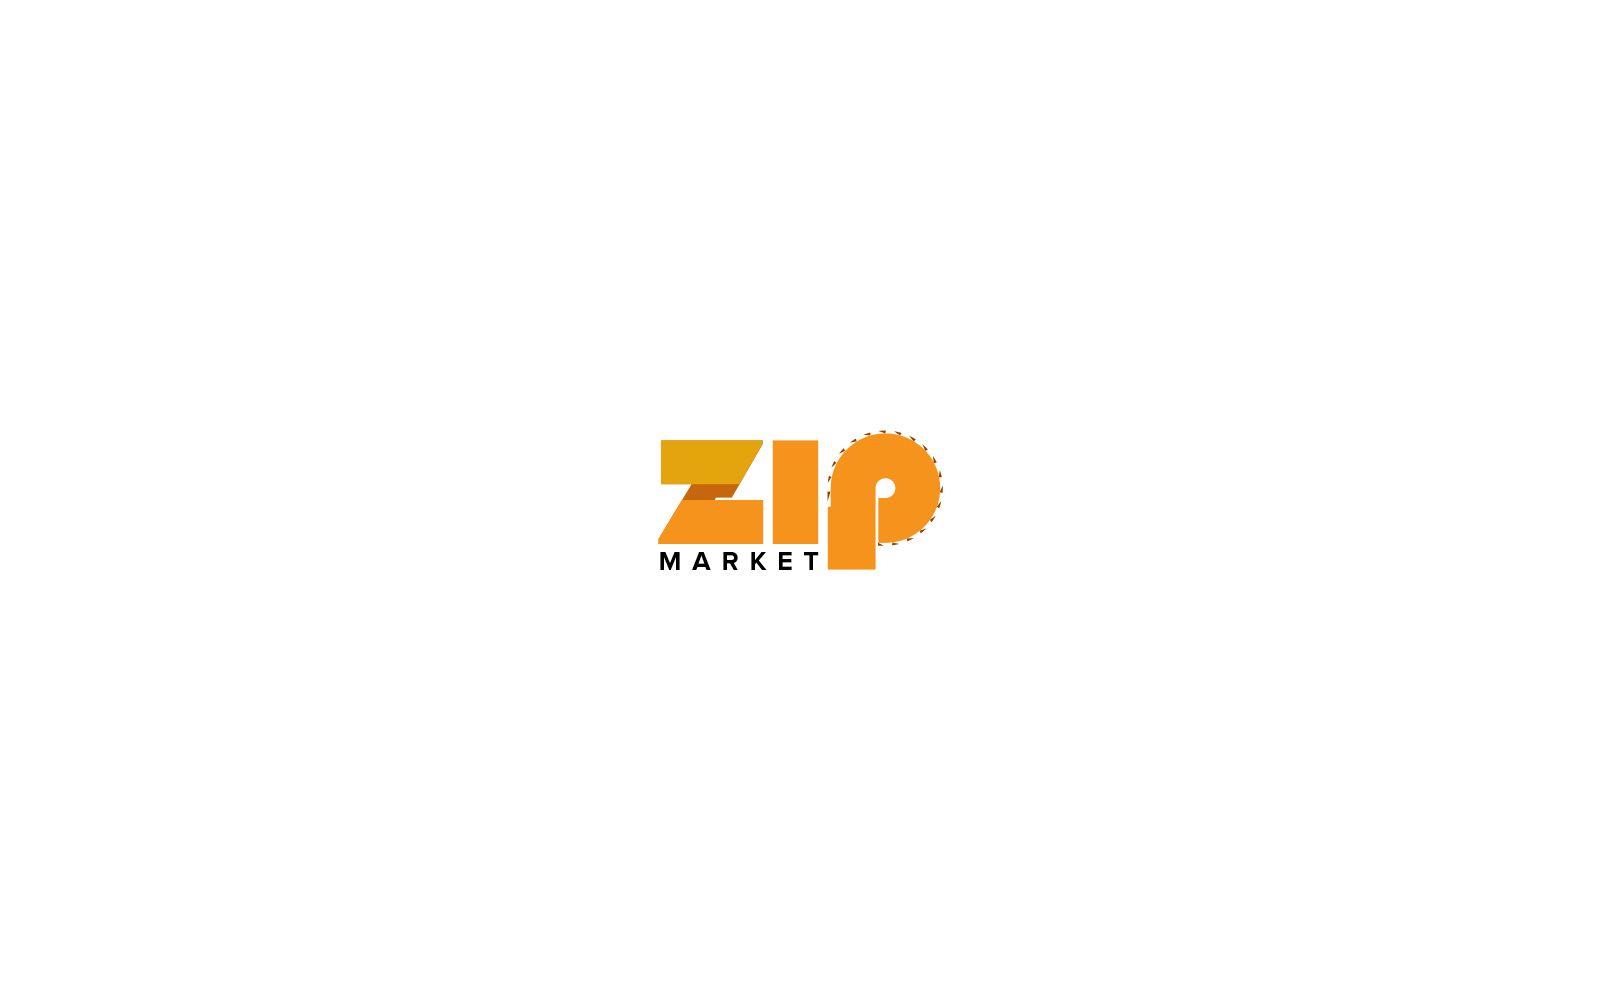 Логотип и ФС для ZIP Market - дизайнер helena17771